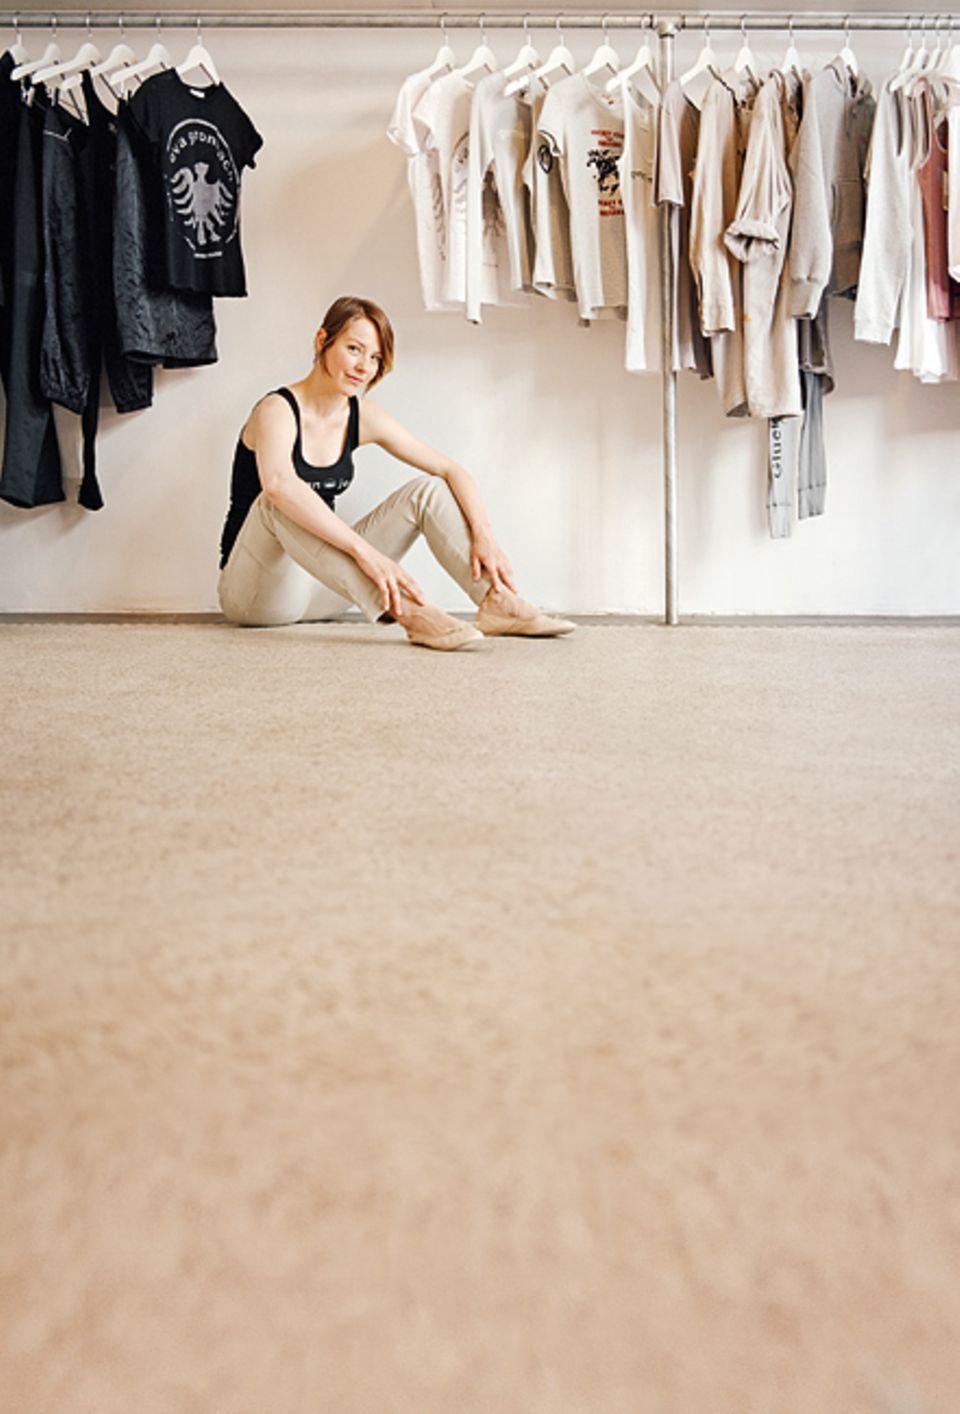 Köln: Modemacherin Eva Gronbach in ihrem Laden am Hansaring